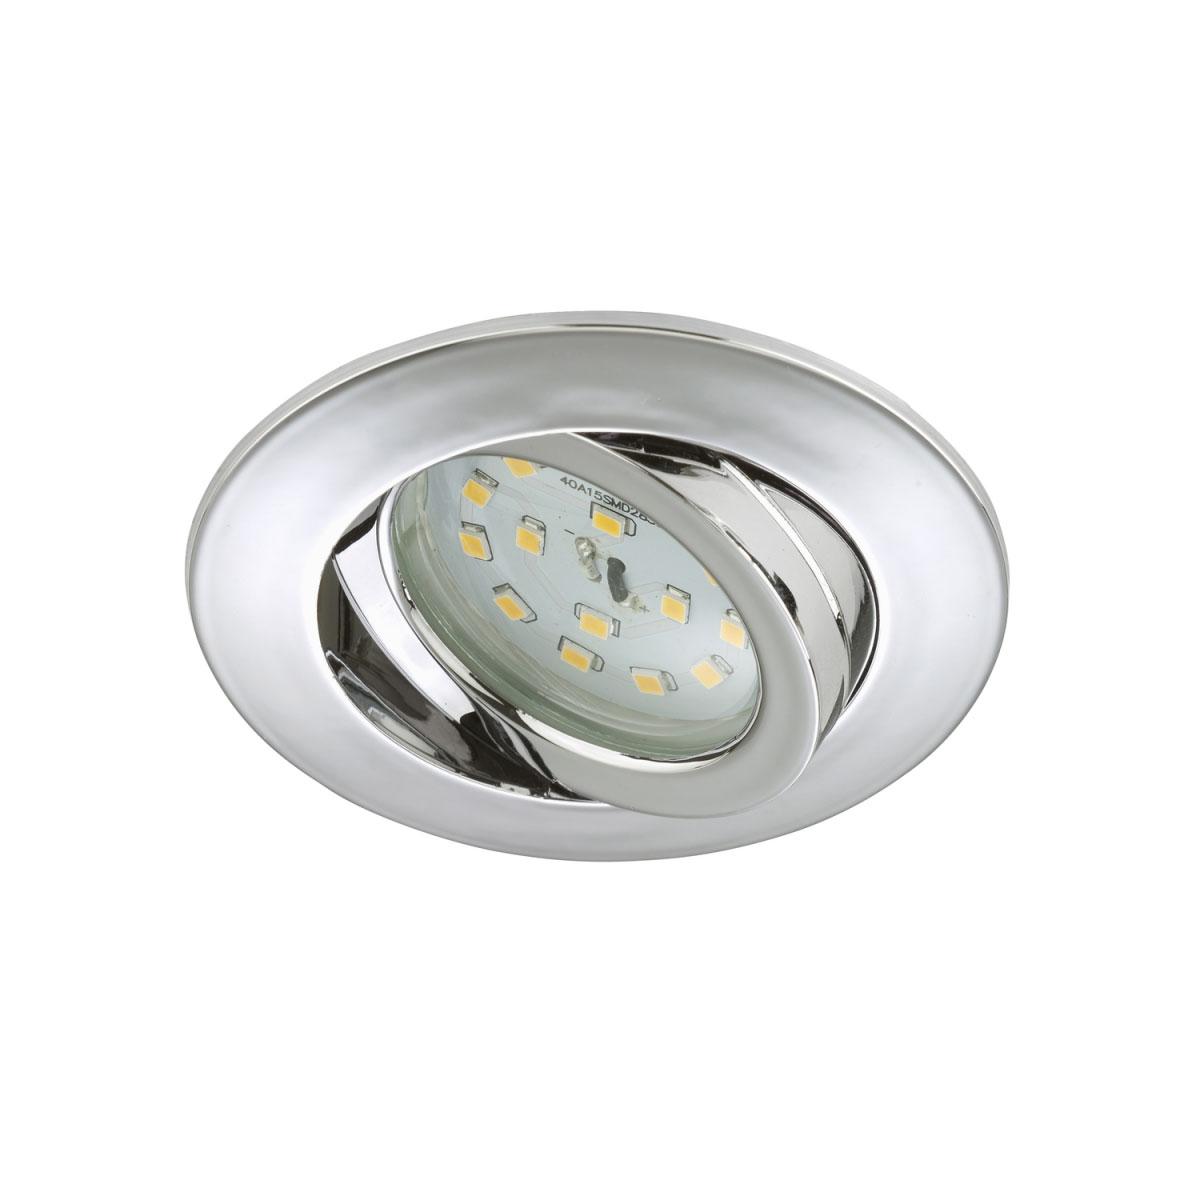 Deckenleuchten - LED Einbauleuchte, schwenkbar, chrom, rund  - Onlineshop Hellweg